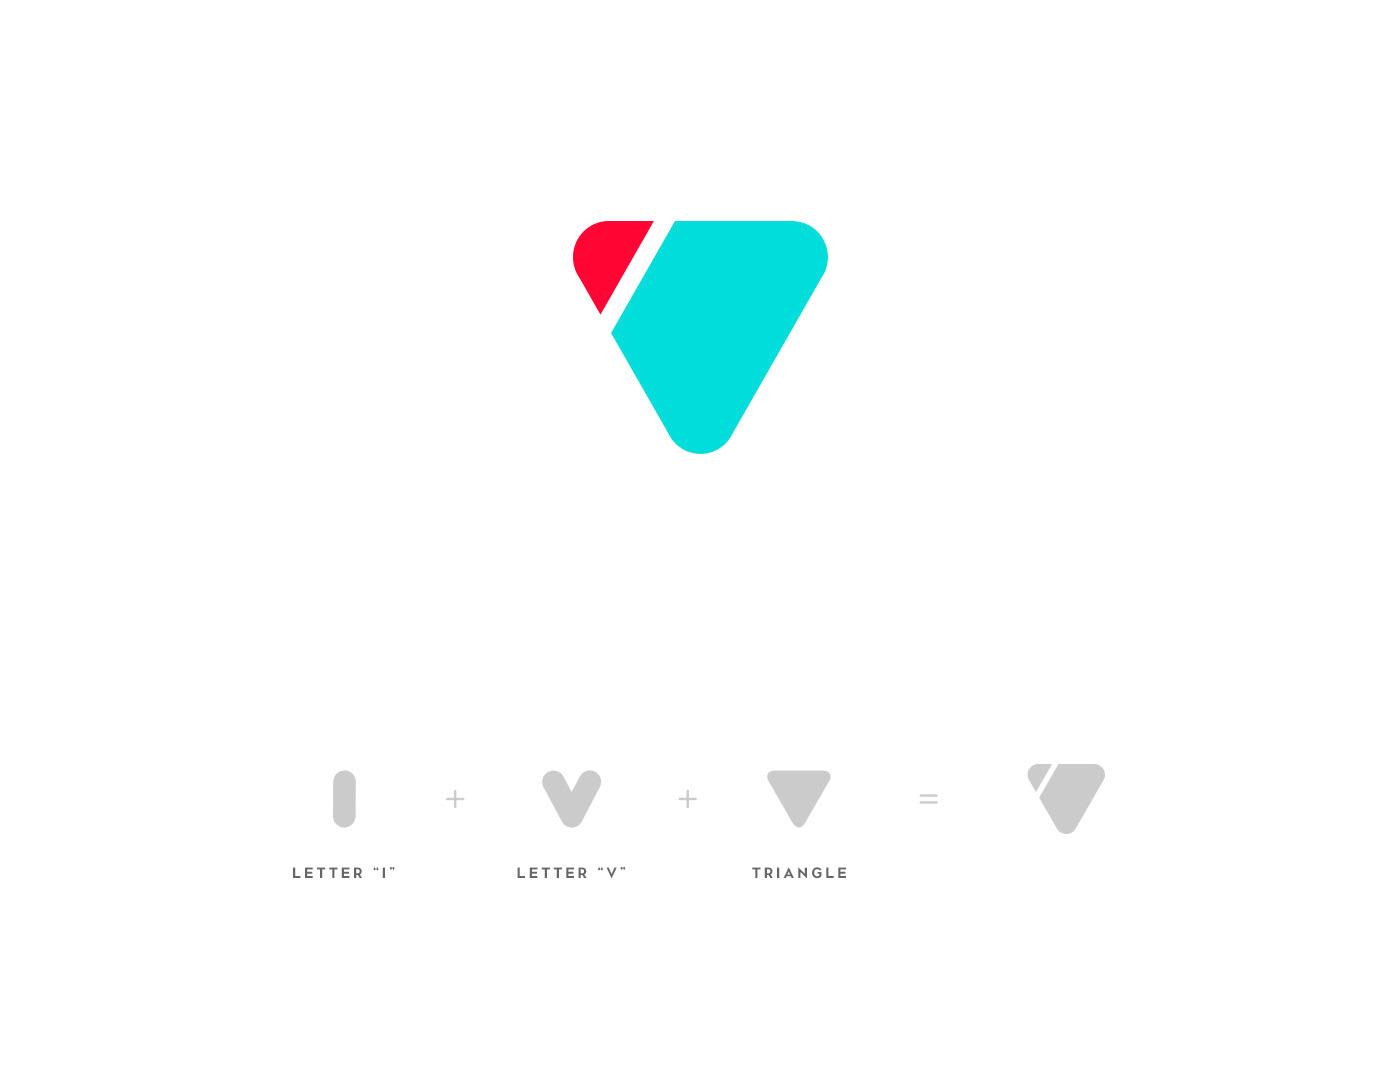 bfde9e29045595.58a453979c4e8 - هویت بصری سازمانی: چند نمونه از بهترین طراحیهای هویت بصری